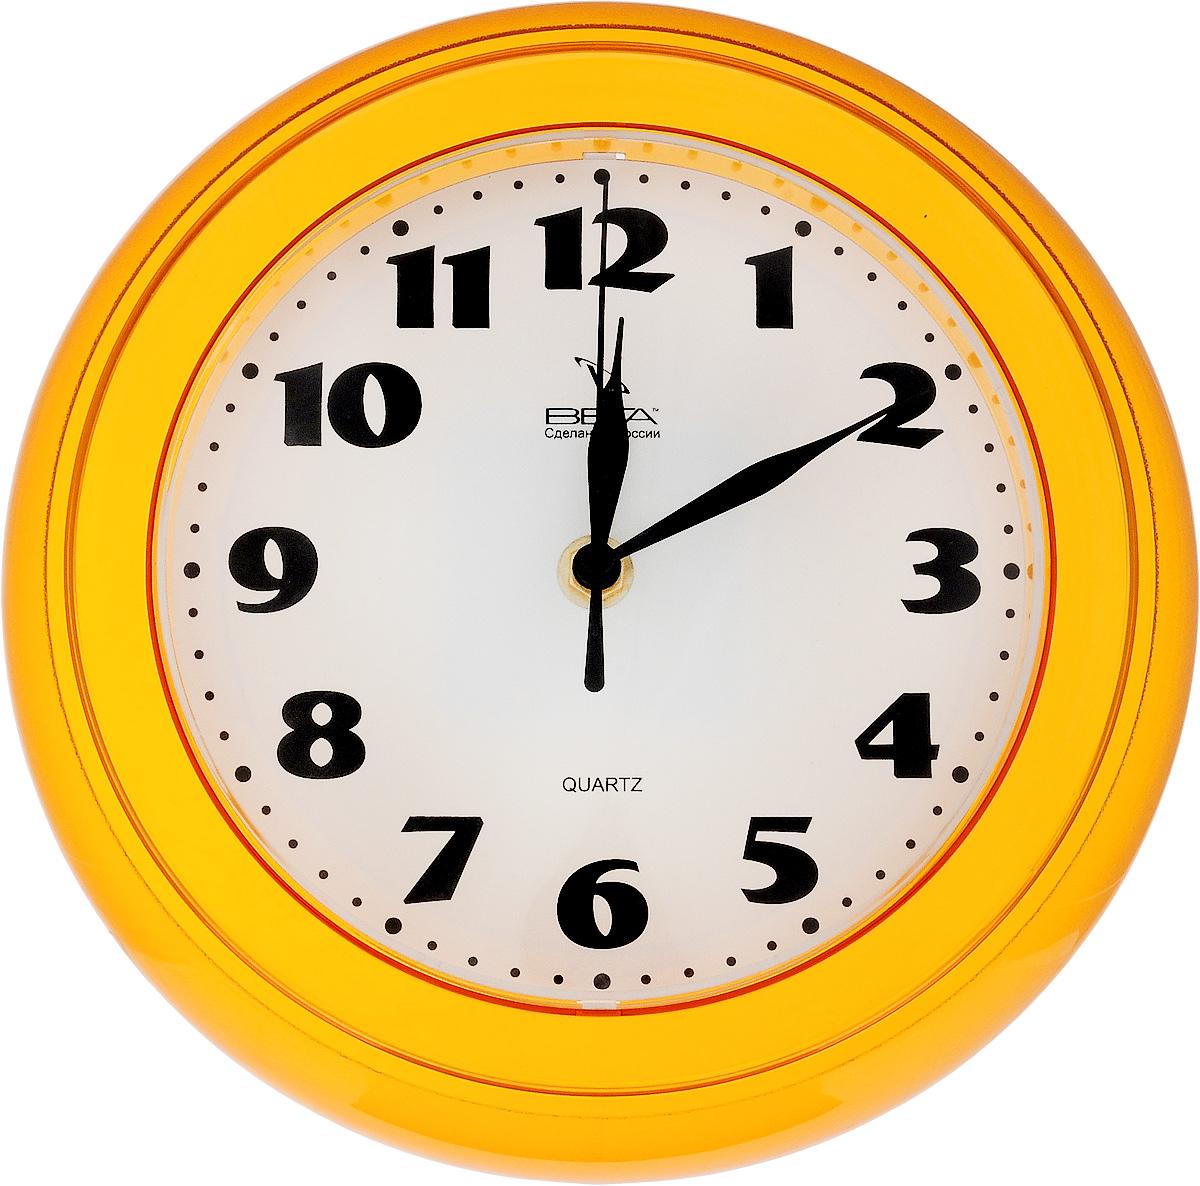 Часы настенные Вега Классика, цвет: желтый, диаметр 22 смП3-4-126Настенные кварцевые часы Вега Классика, изготовленные из пластика, прекрасно впишутся в интерьер вашего дома. Круглые часы имеют три стрелки: часовую, минутную и секундную, циферблат защищен прозрачным стеклом. Часы работают от 1 батарейки типа АА напряжением 1,5 В (не входит в комплект). Диаметр часов: 22 см.